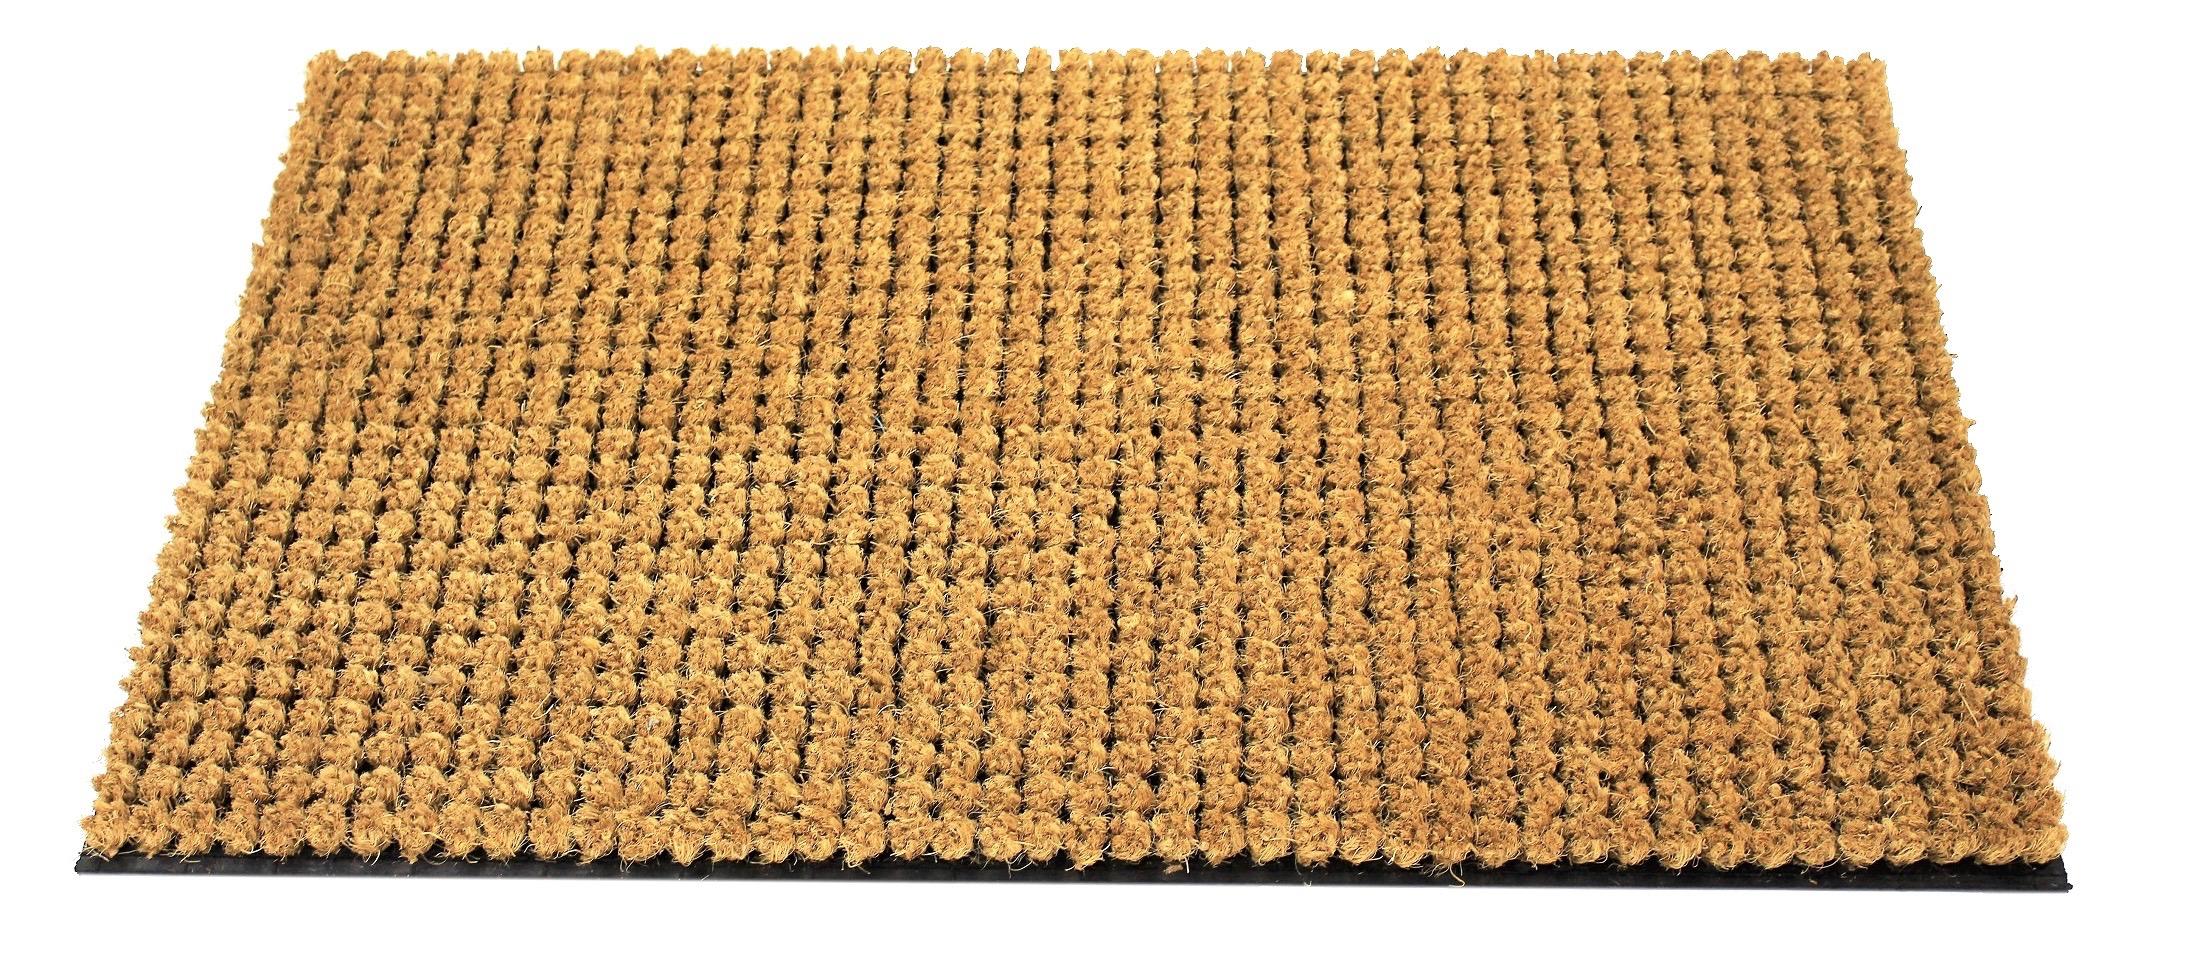 Charmant Envelor Home And Garden Outdoor Doormat Welcome Mat Outdoor Rugs Non Slip  Front Door Mats Coir Doormat Shoes Scraper Outdoor Entryway Rug Patio Porch  Home ...